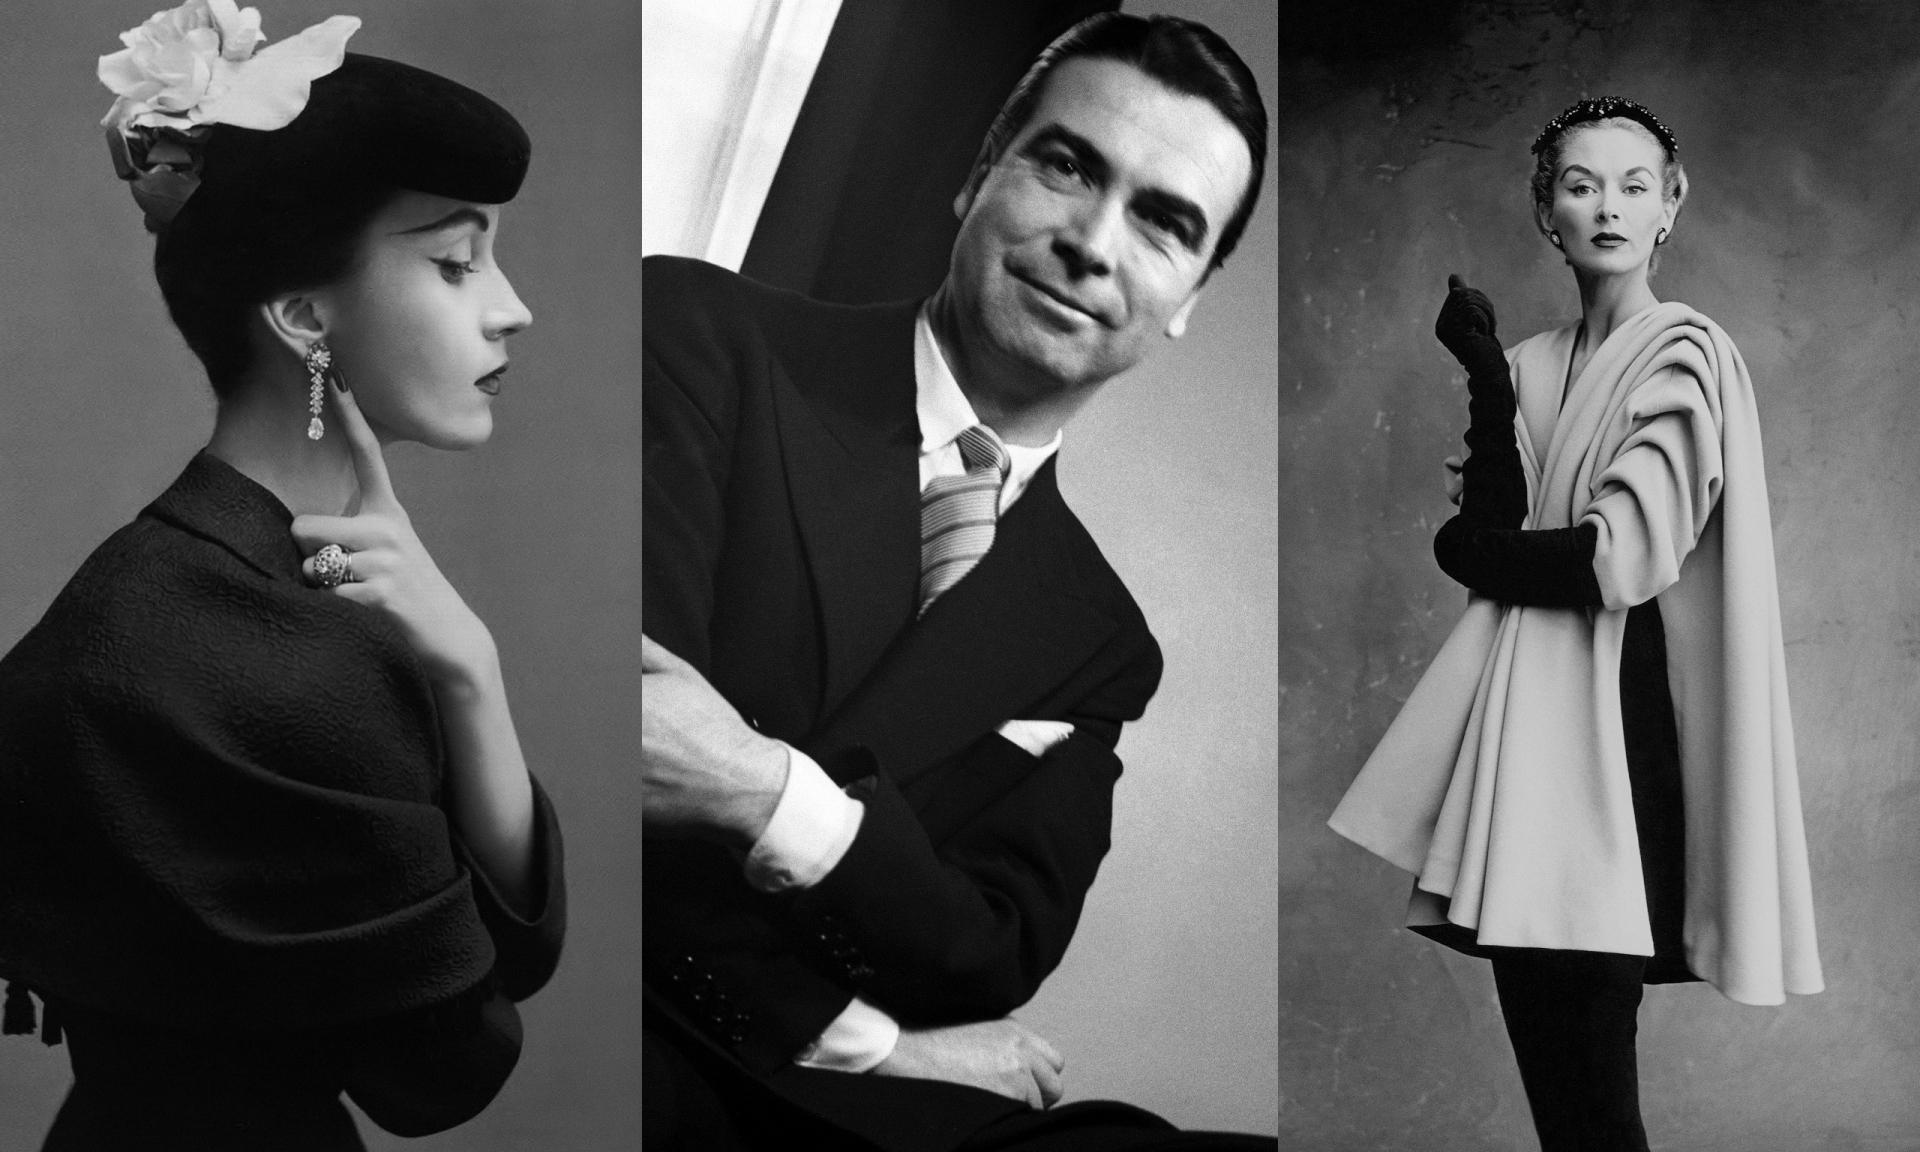 Balenciaga 宣布将重启高级定制时装系列